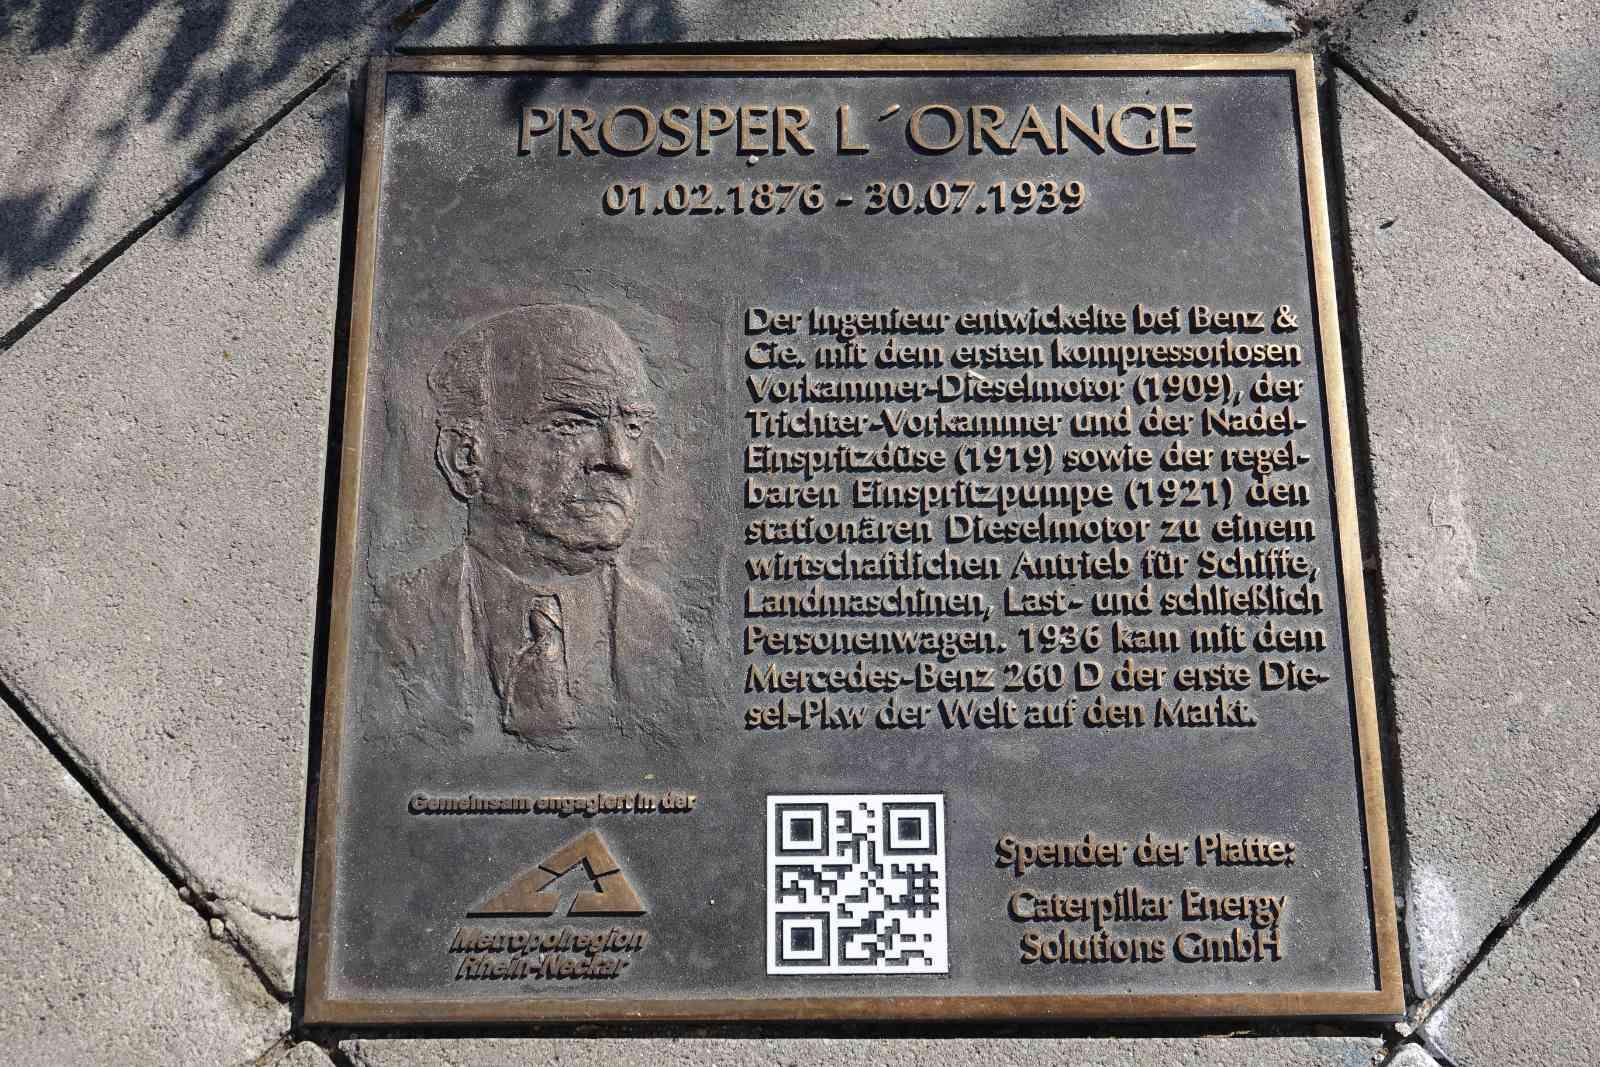 Ehrentafel für Prosper L'Orange in Mannheim